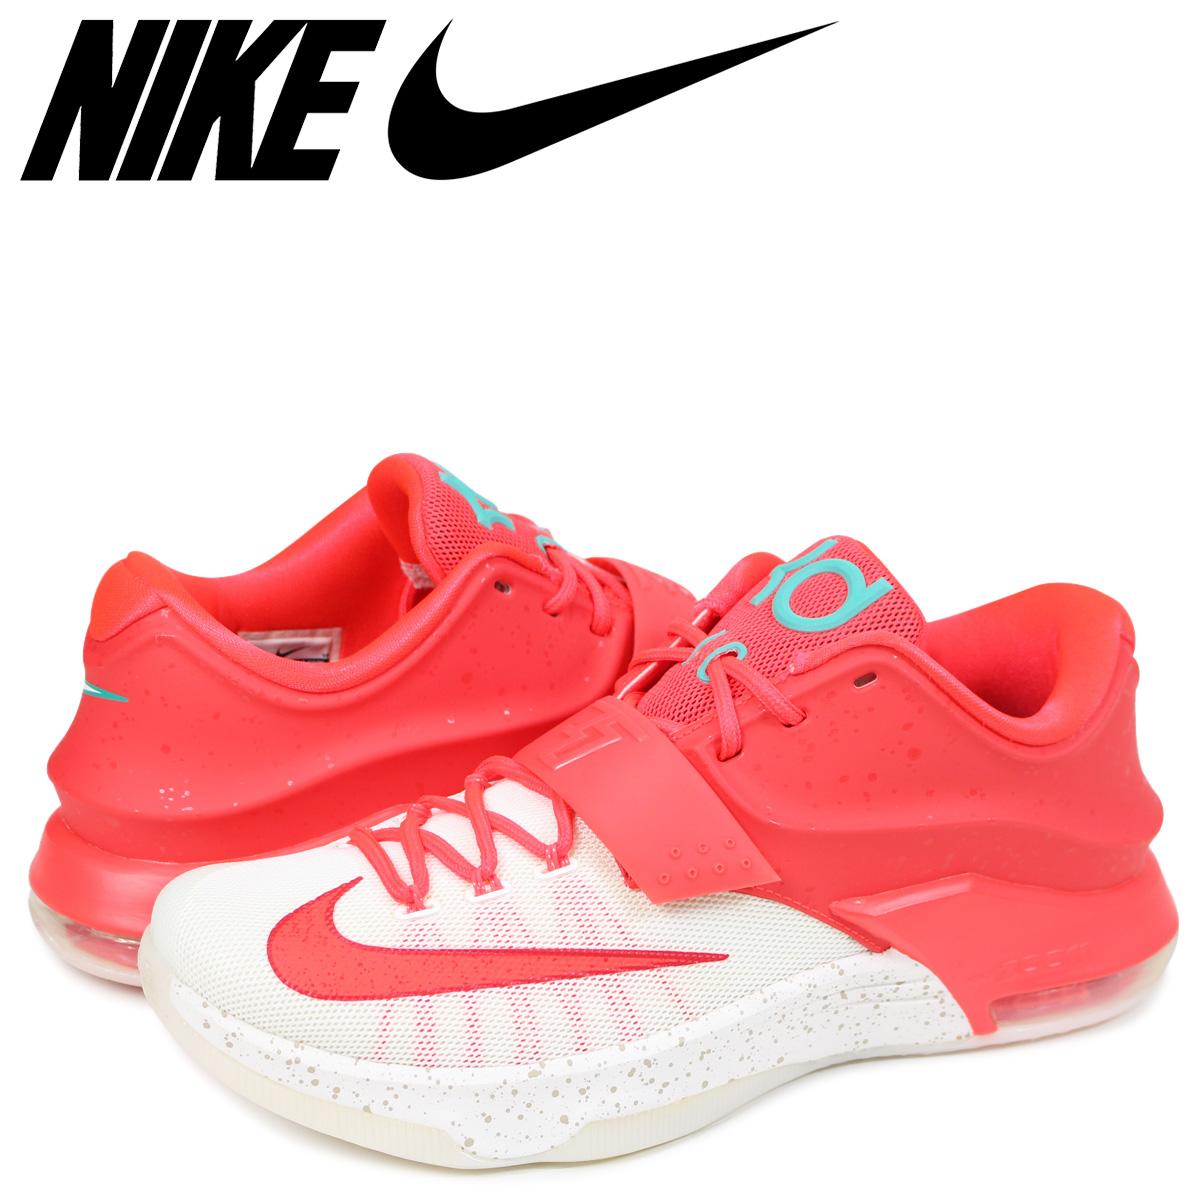 e71f6bd2a5a9 ALLSPORTS  NIKE XMAS Nike KD 7 sneakers men 707